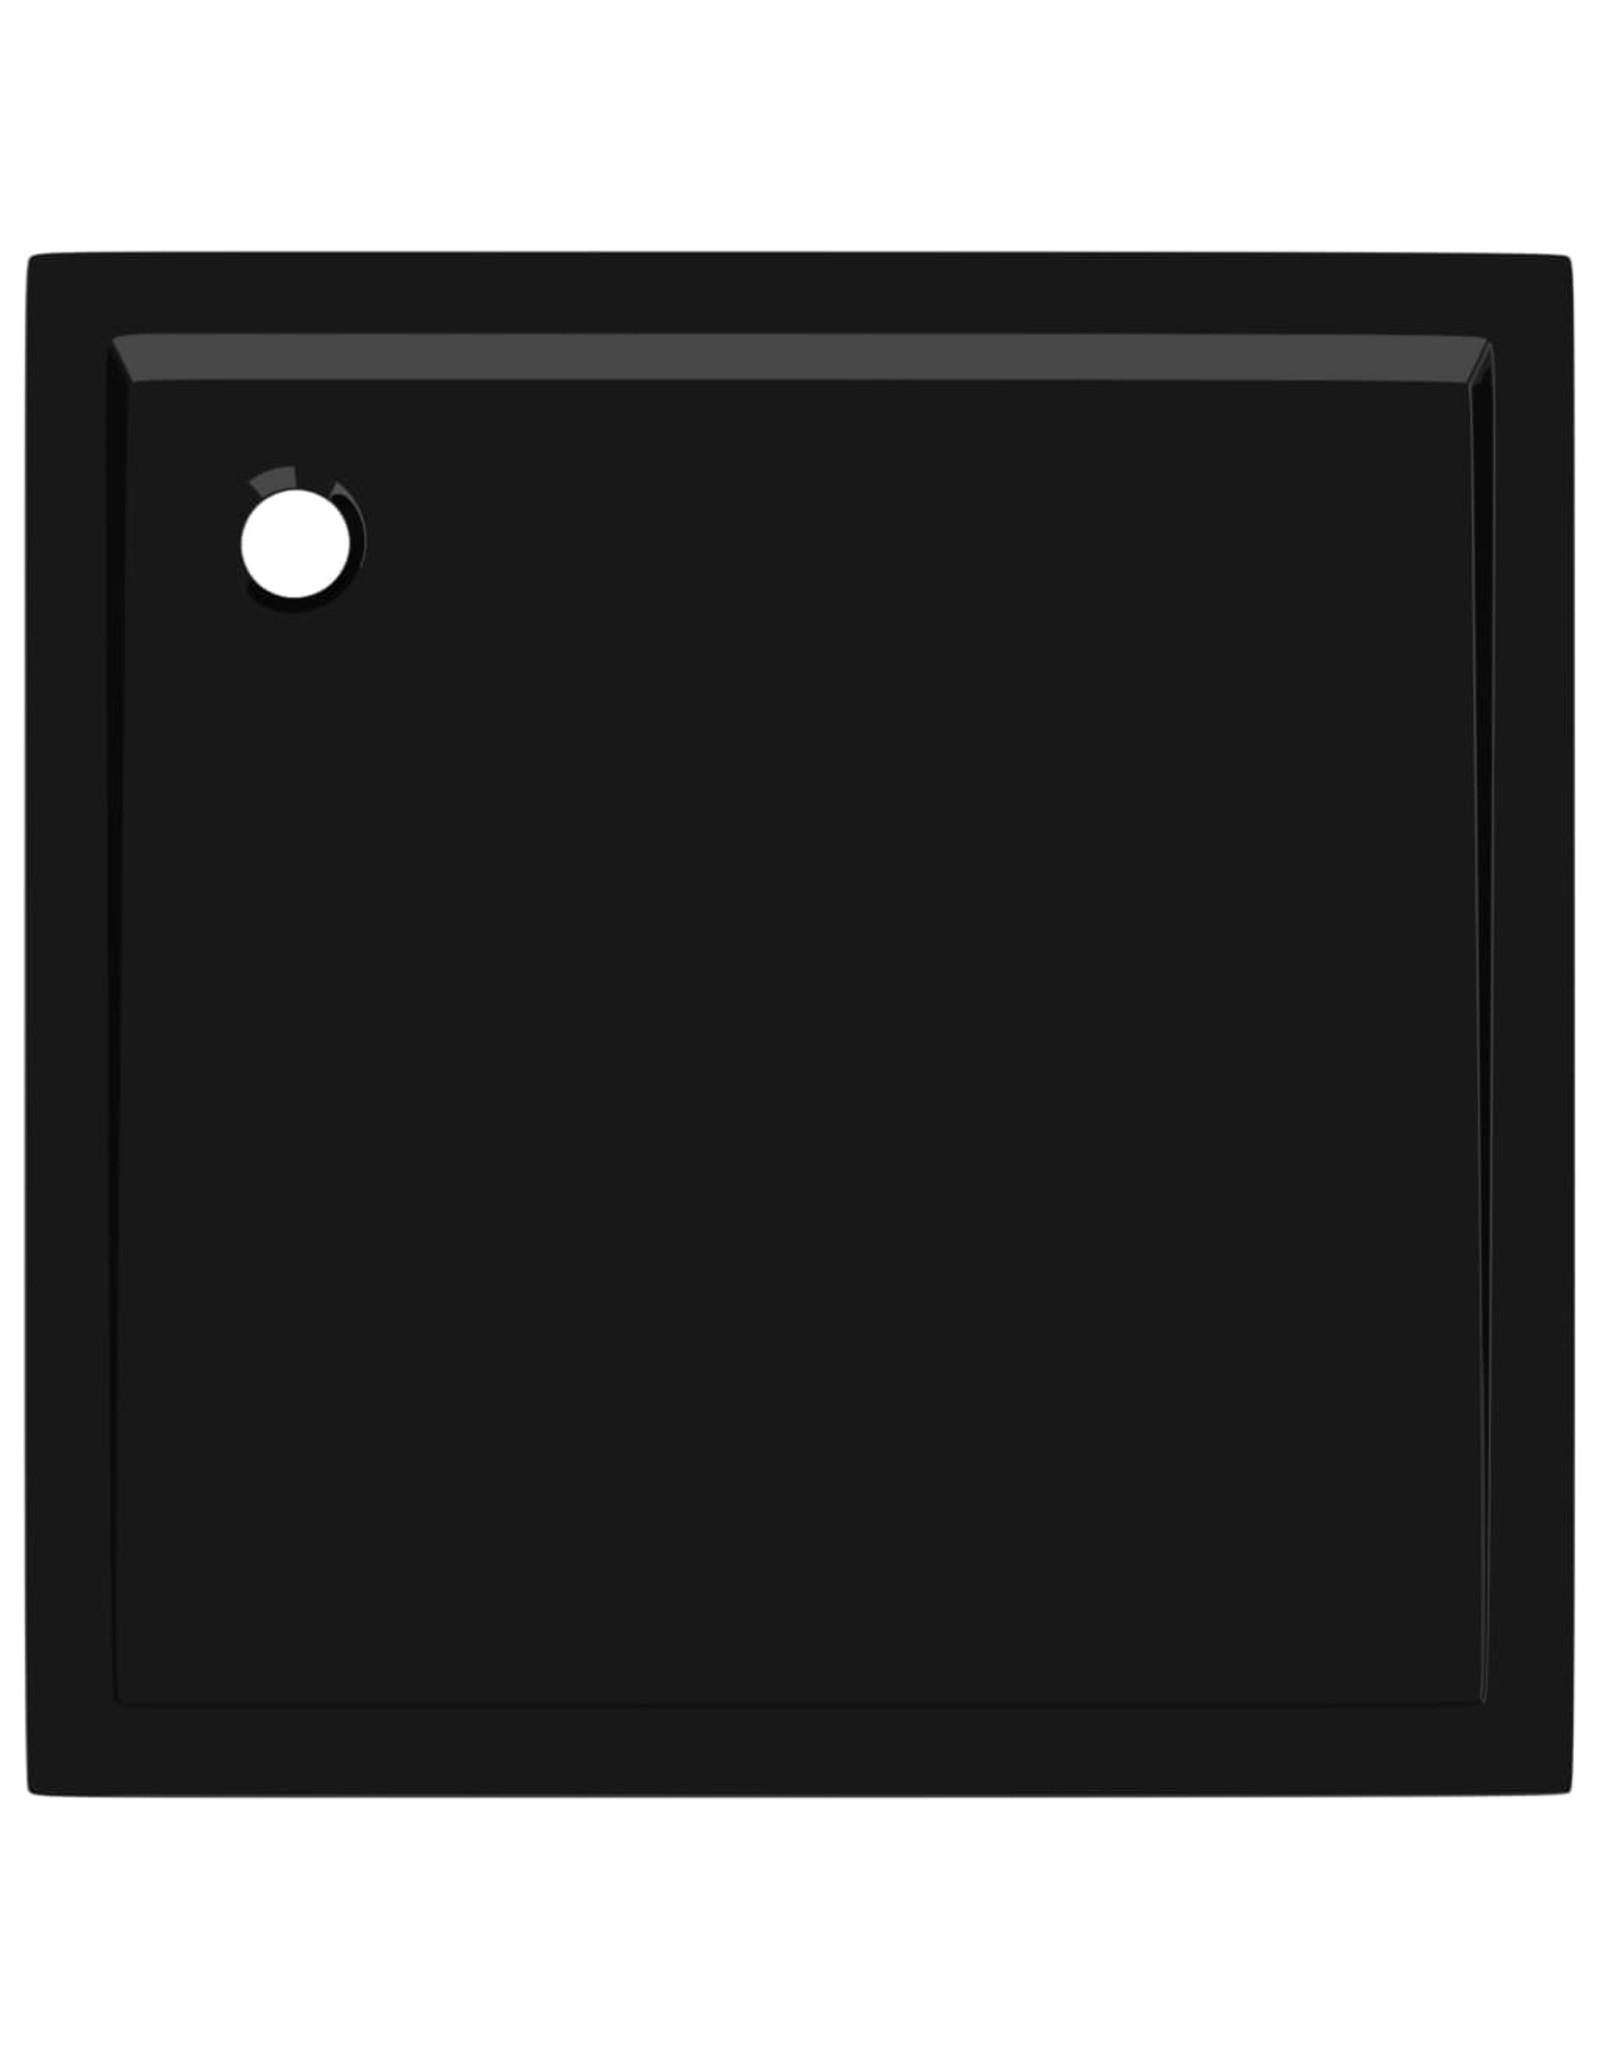 Douchebak vierkant 90x90 cm ABS zwart